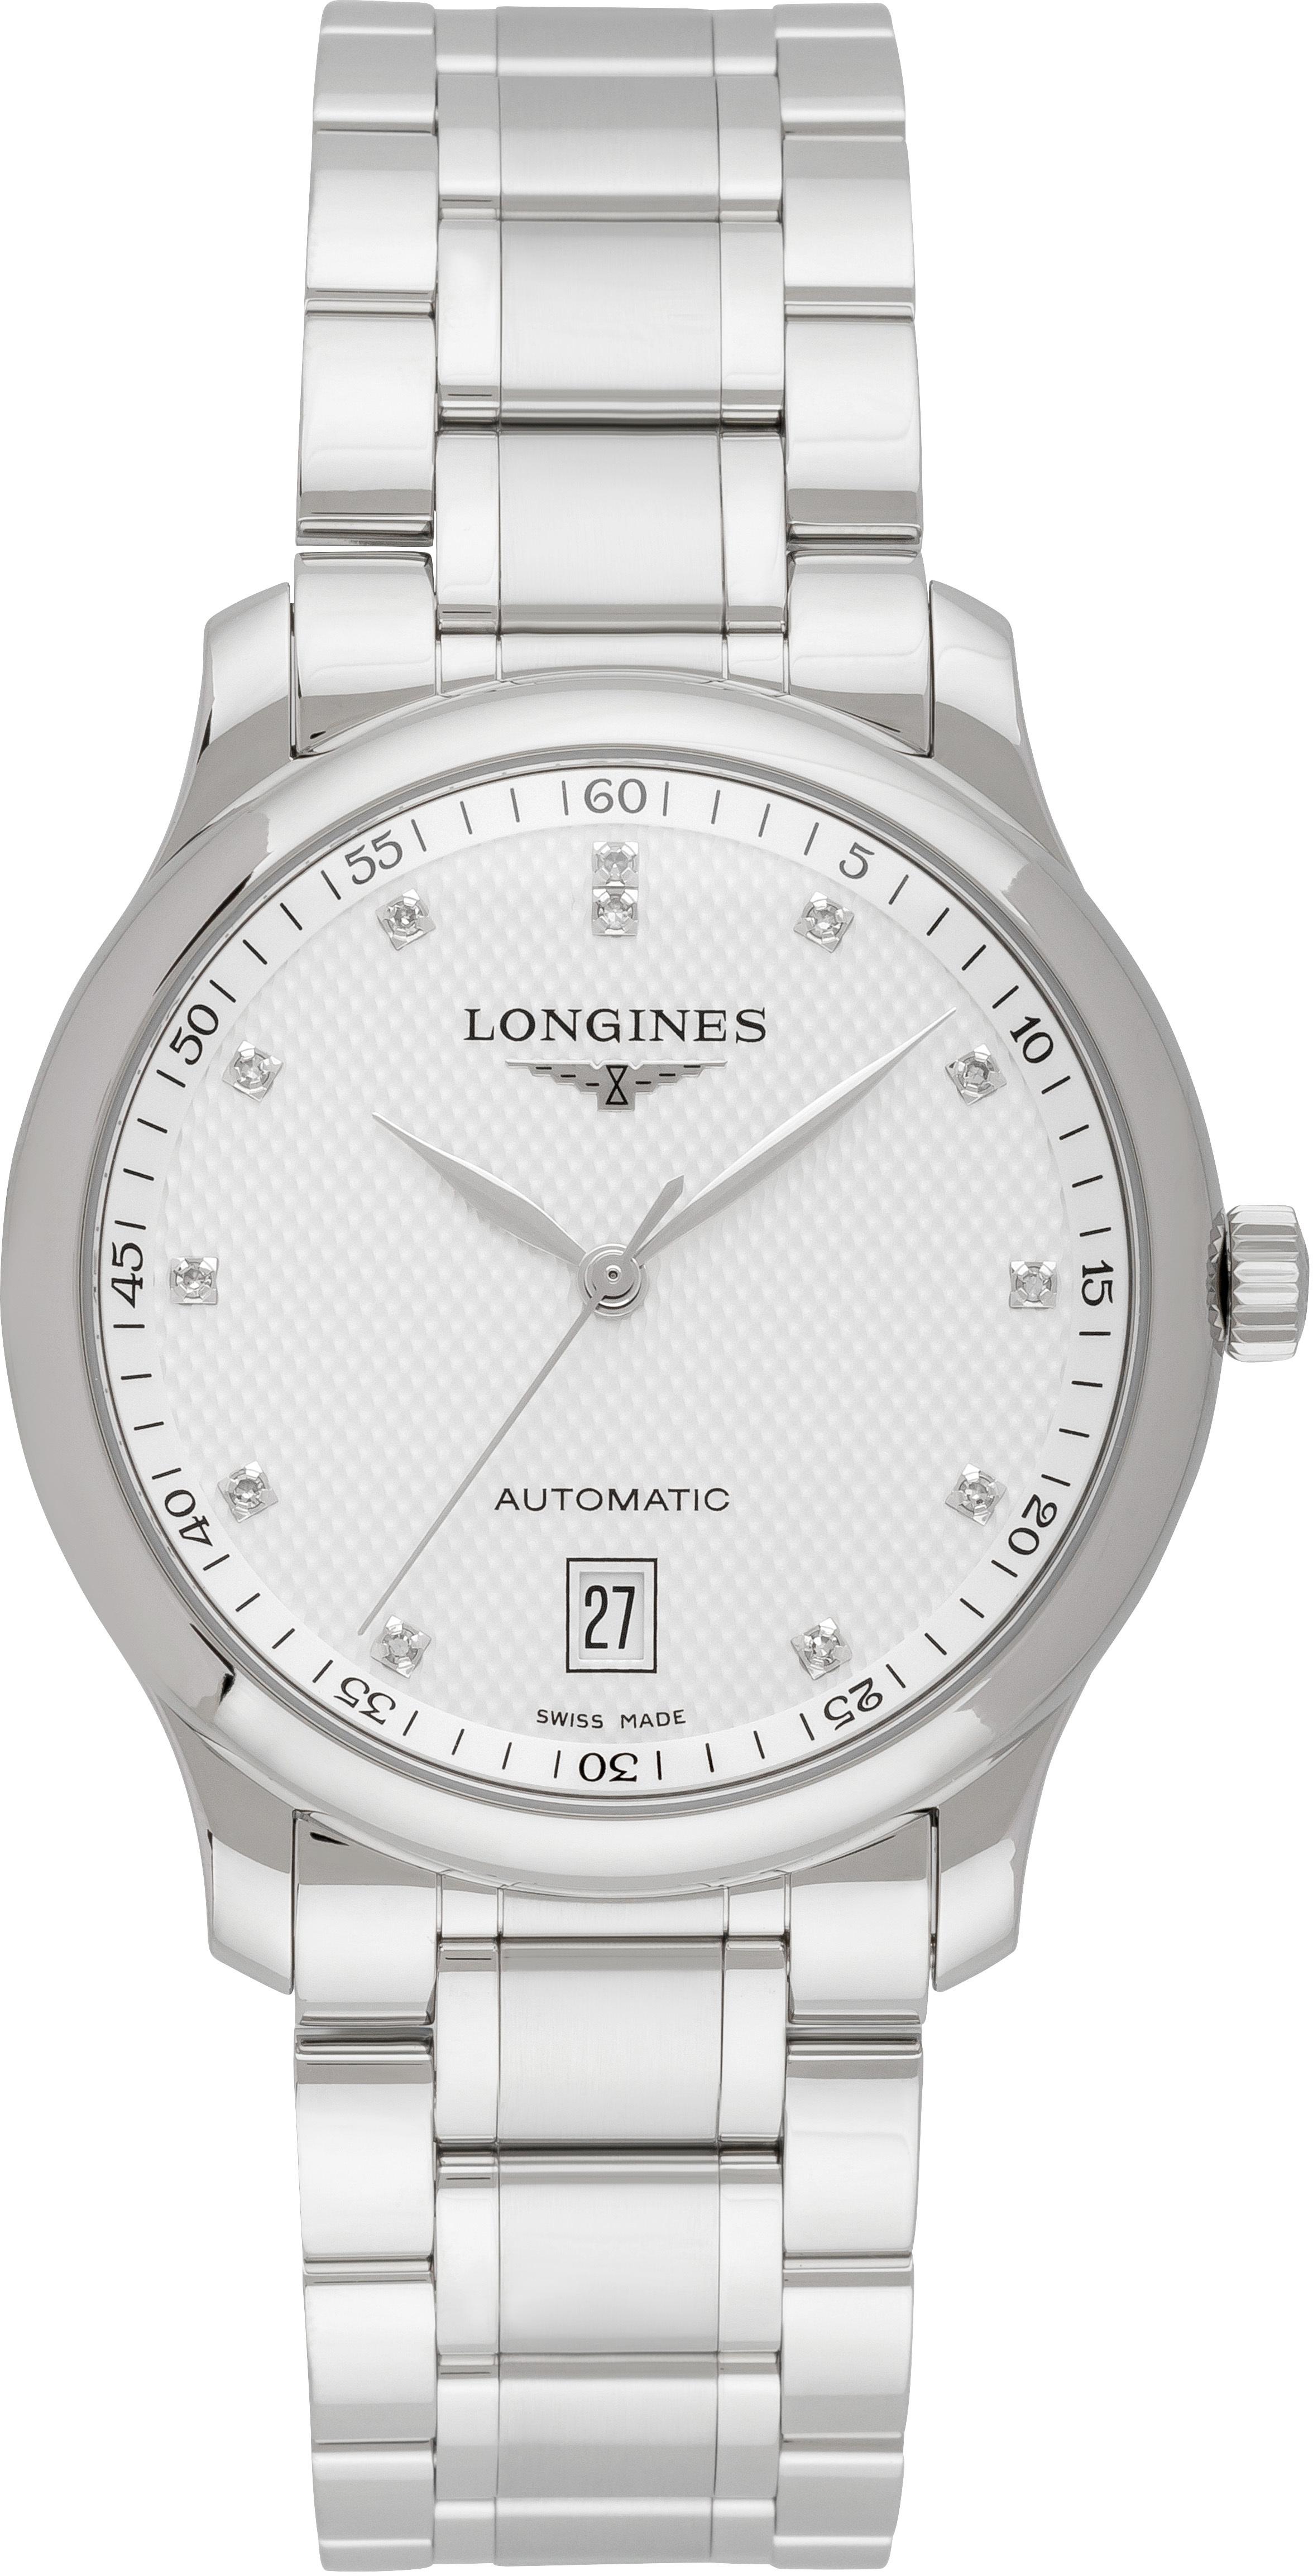 Longines Master Herrklocka L2.628.4.77.6 Silverfärgad/Stål Ø38.5 mm - Longines